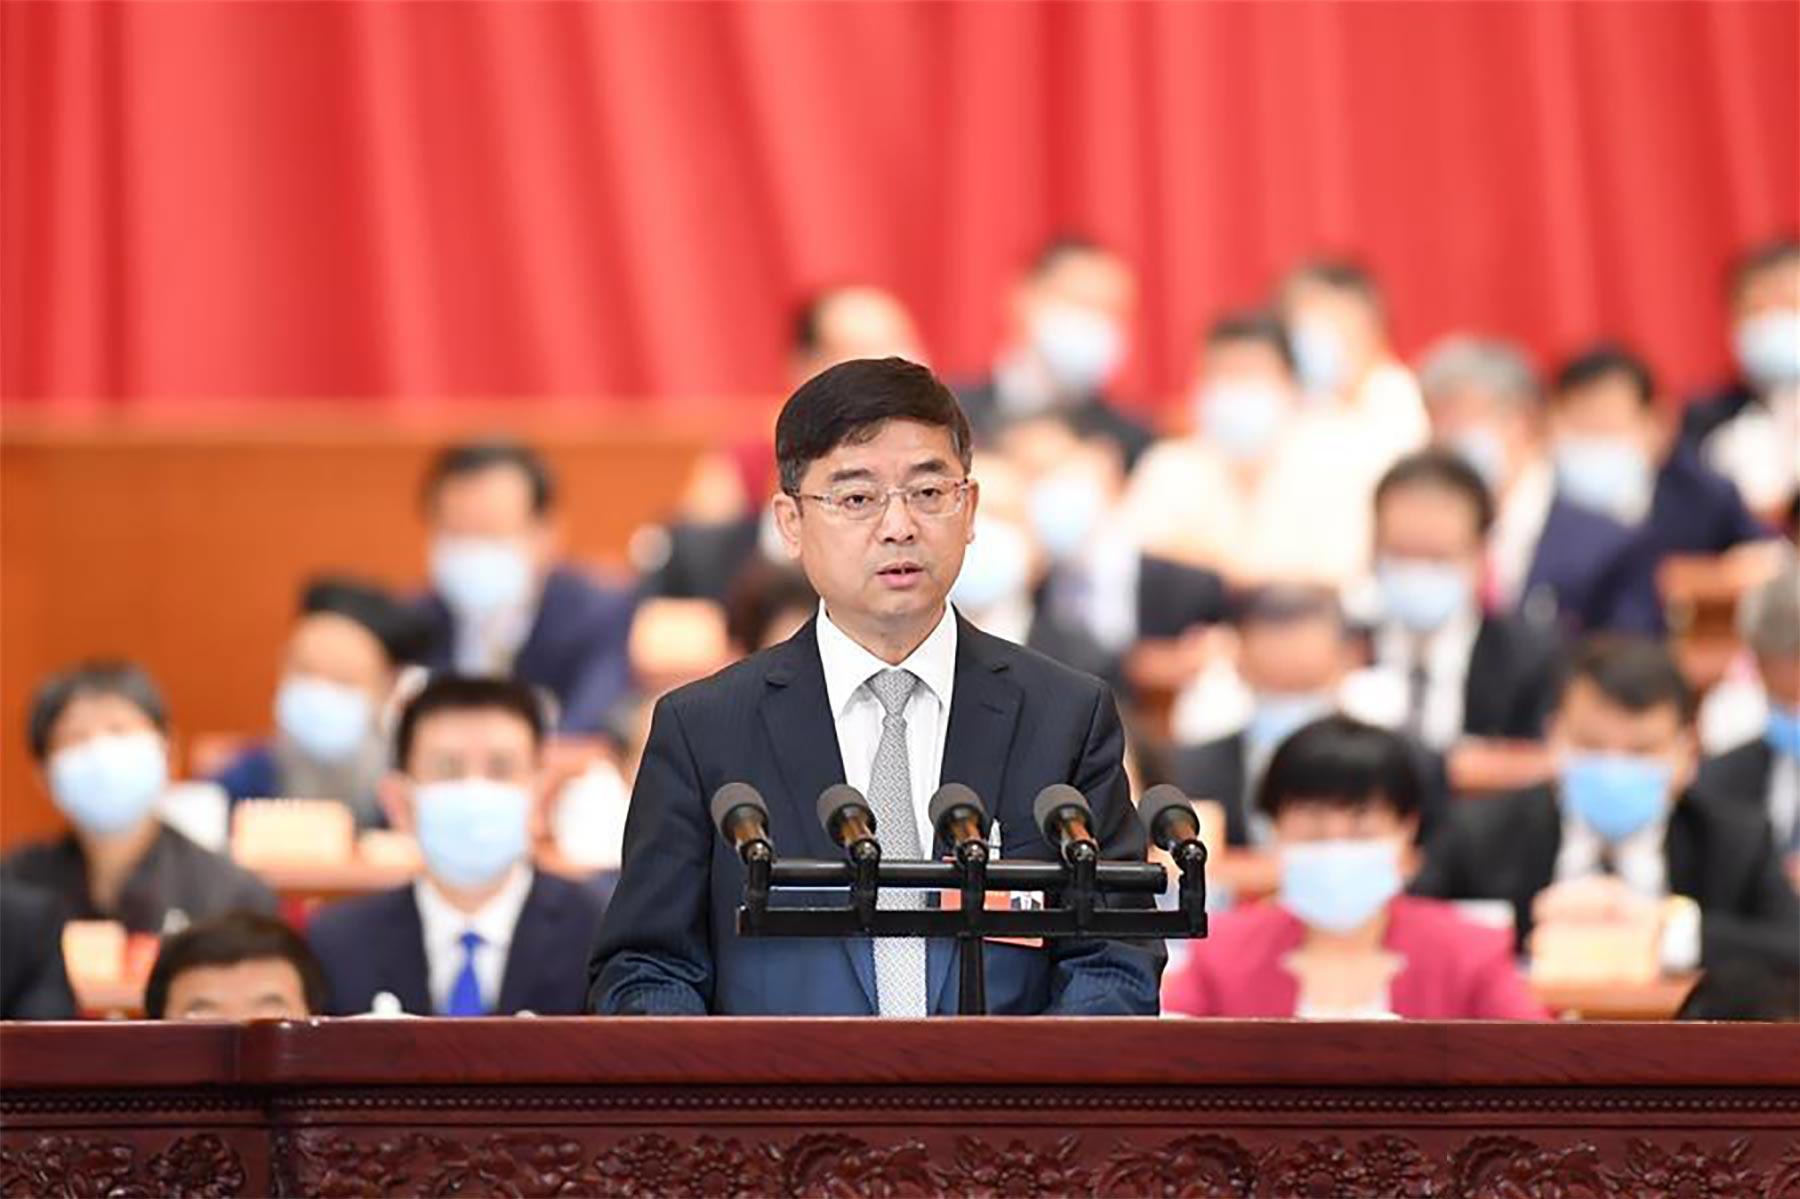 曲凤宏委员代表农工党中央作大会发言。 新华社记者 刘彬 摄